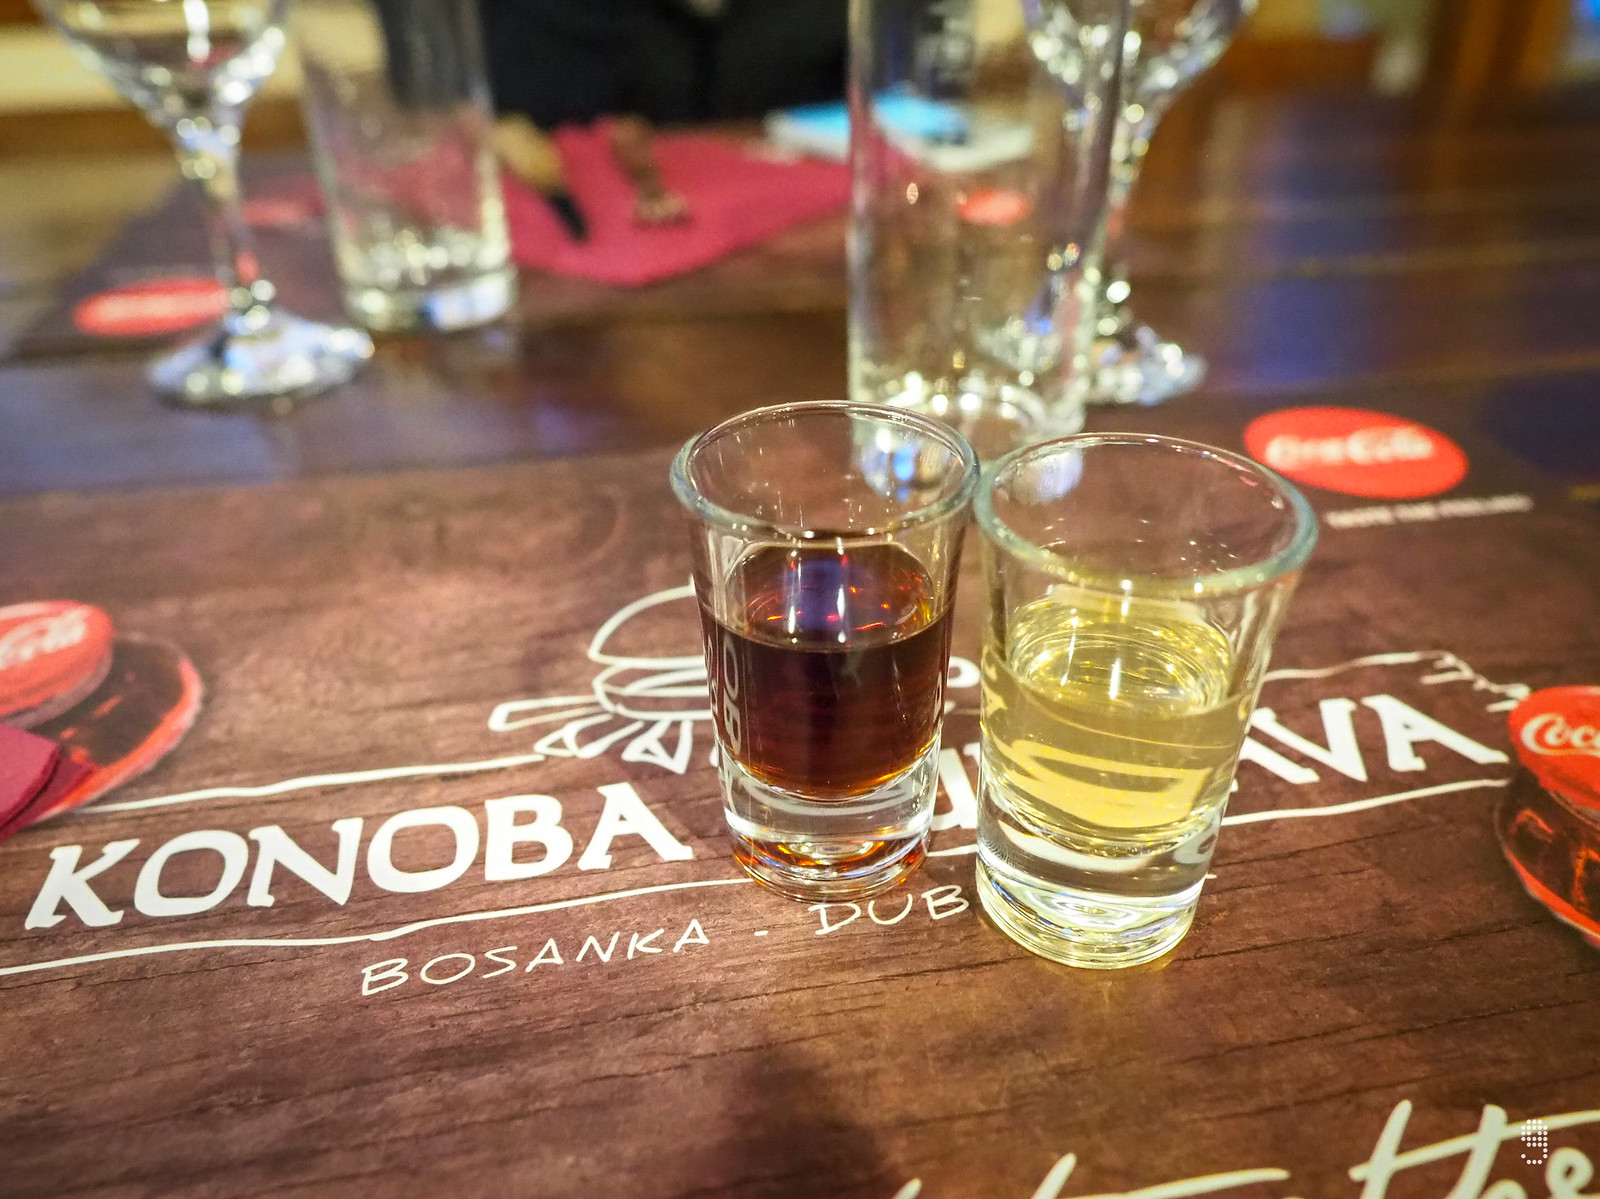 櫻桃酒是克羅地亞人佐餐的佳品